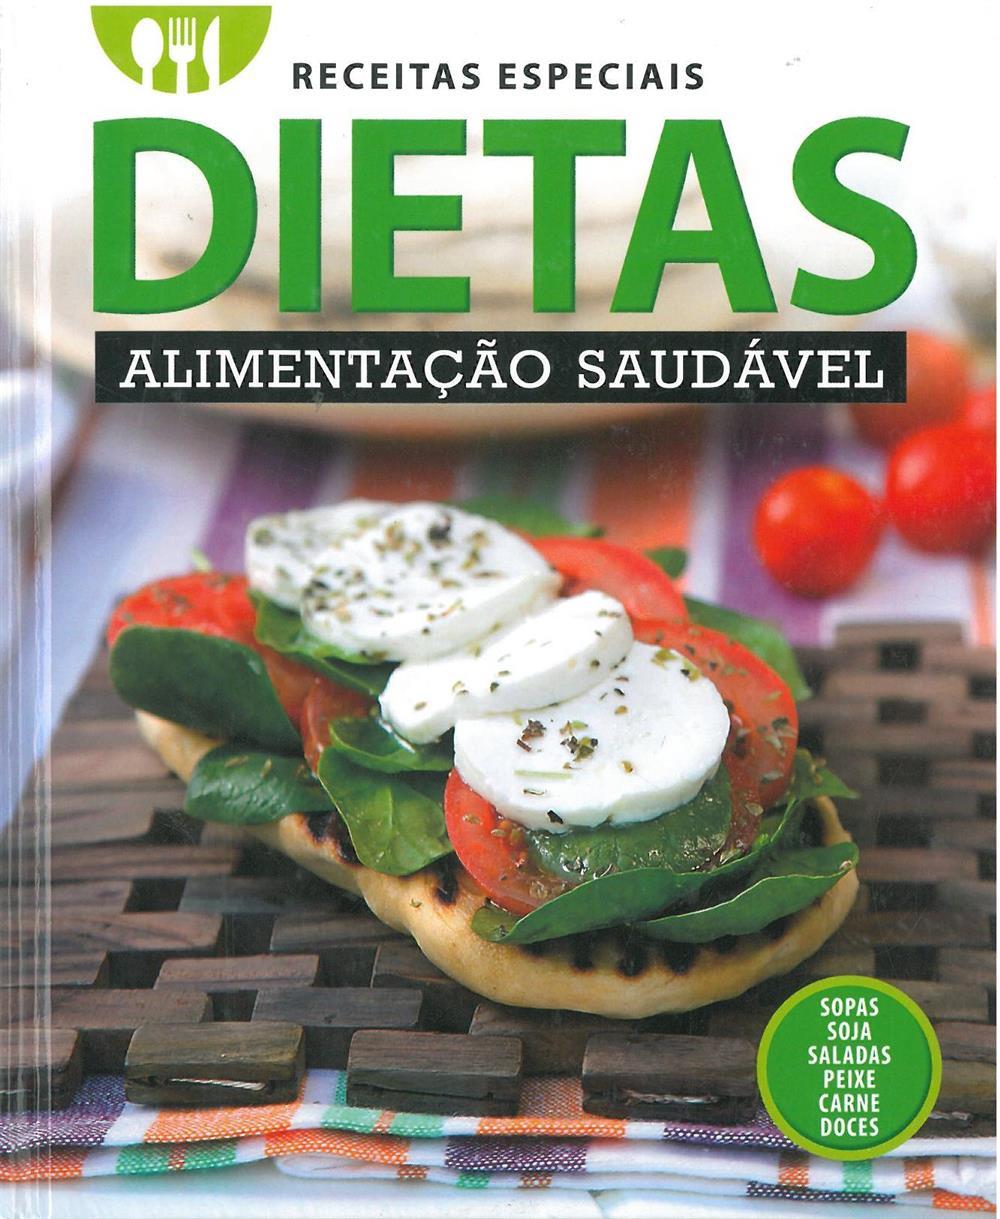 Dietas_.jpg